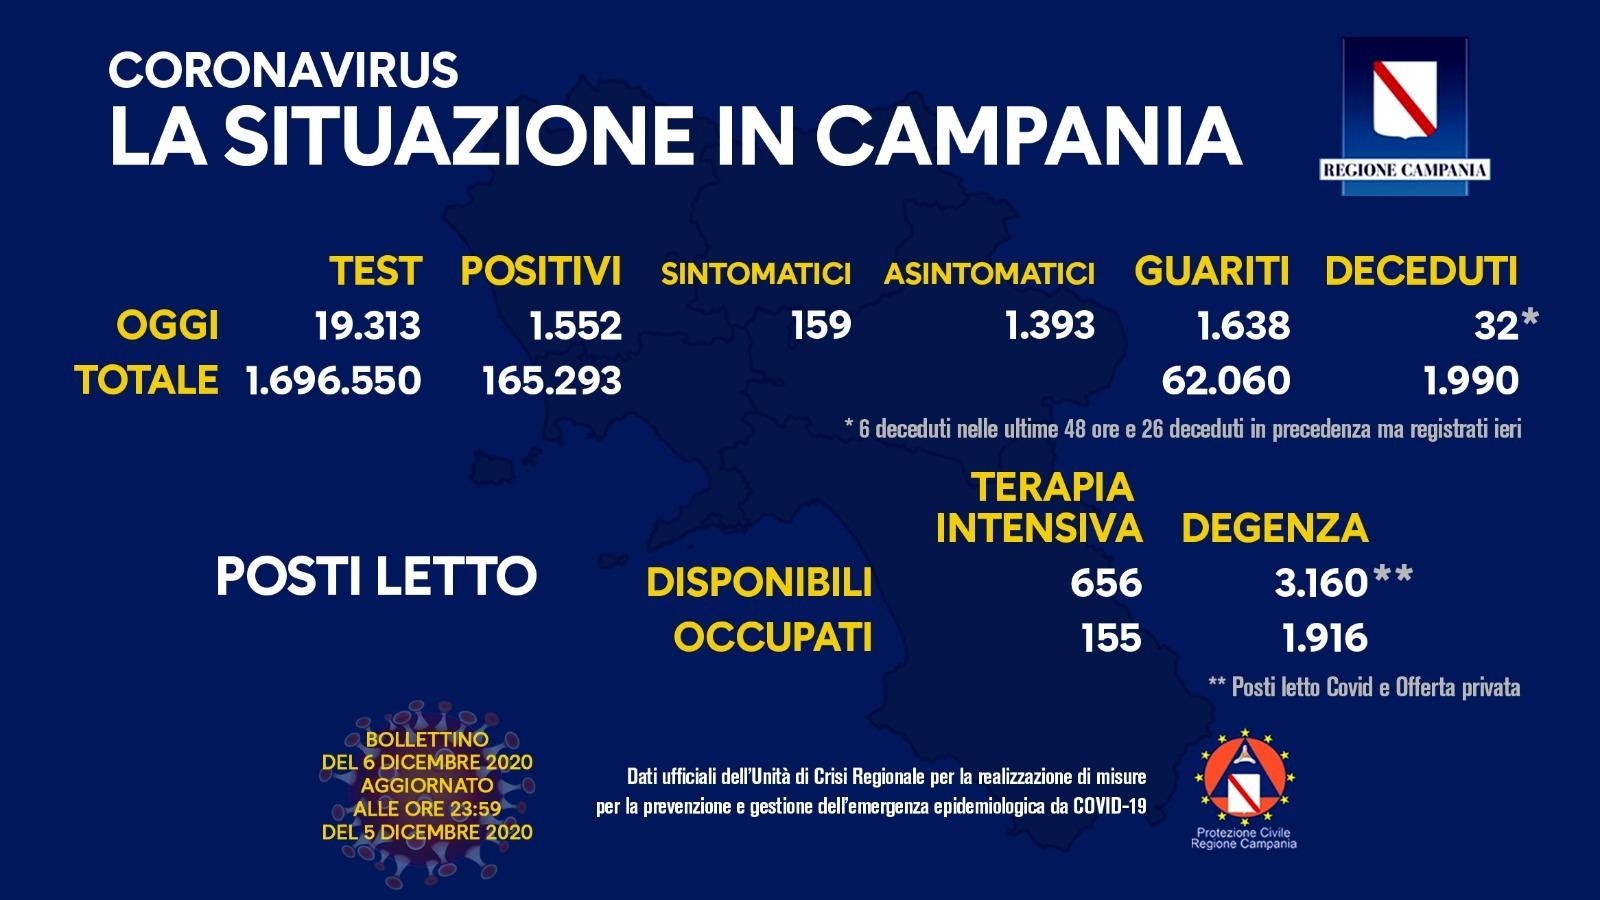 Bollettino Covid Campania - Nella giornata di oggi i guariti superano i positivi